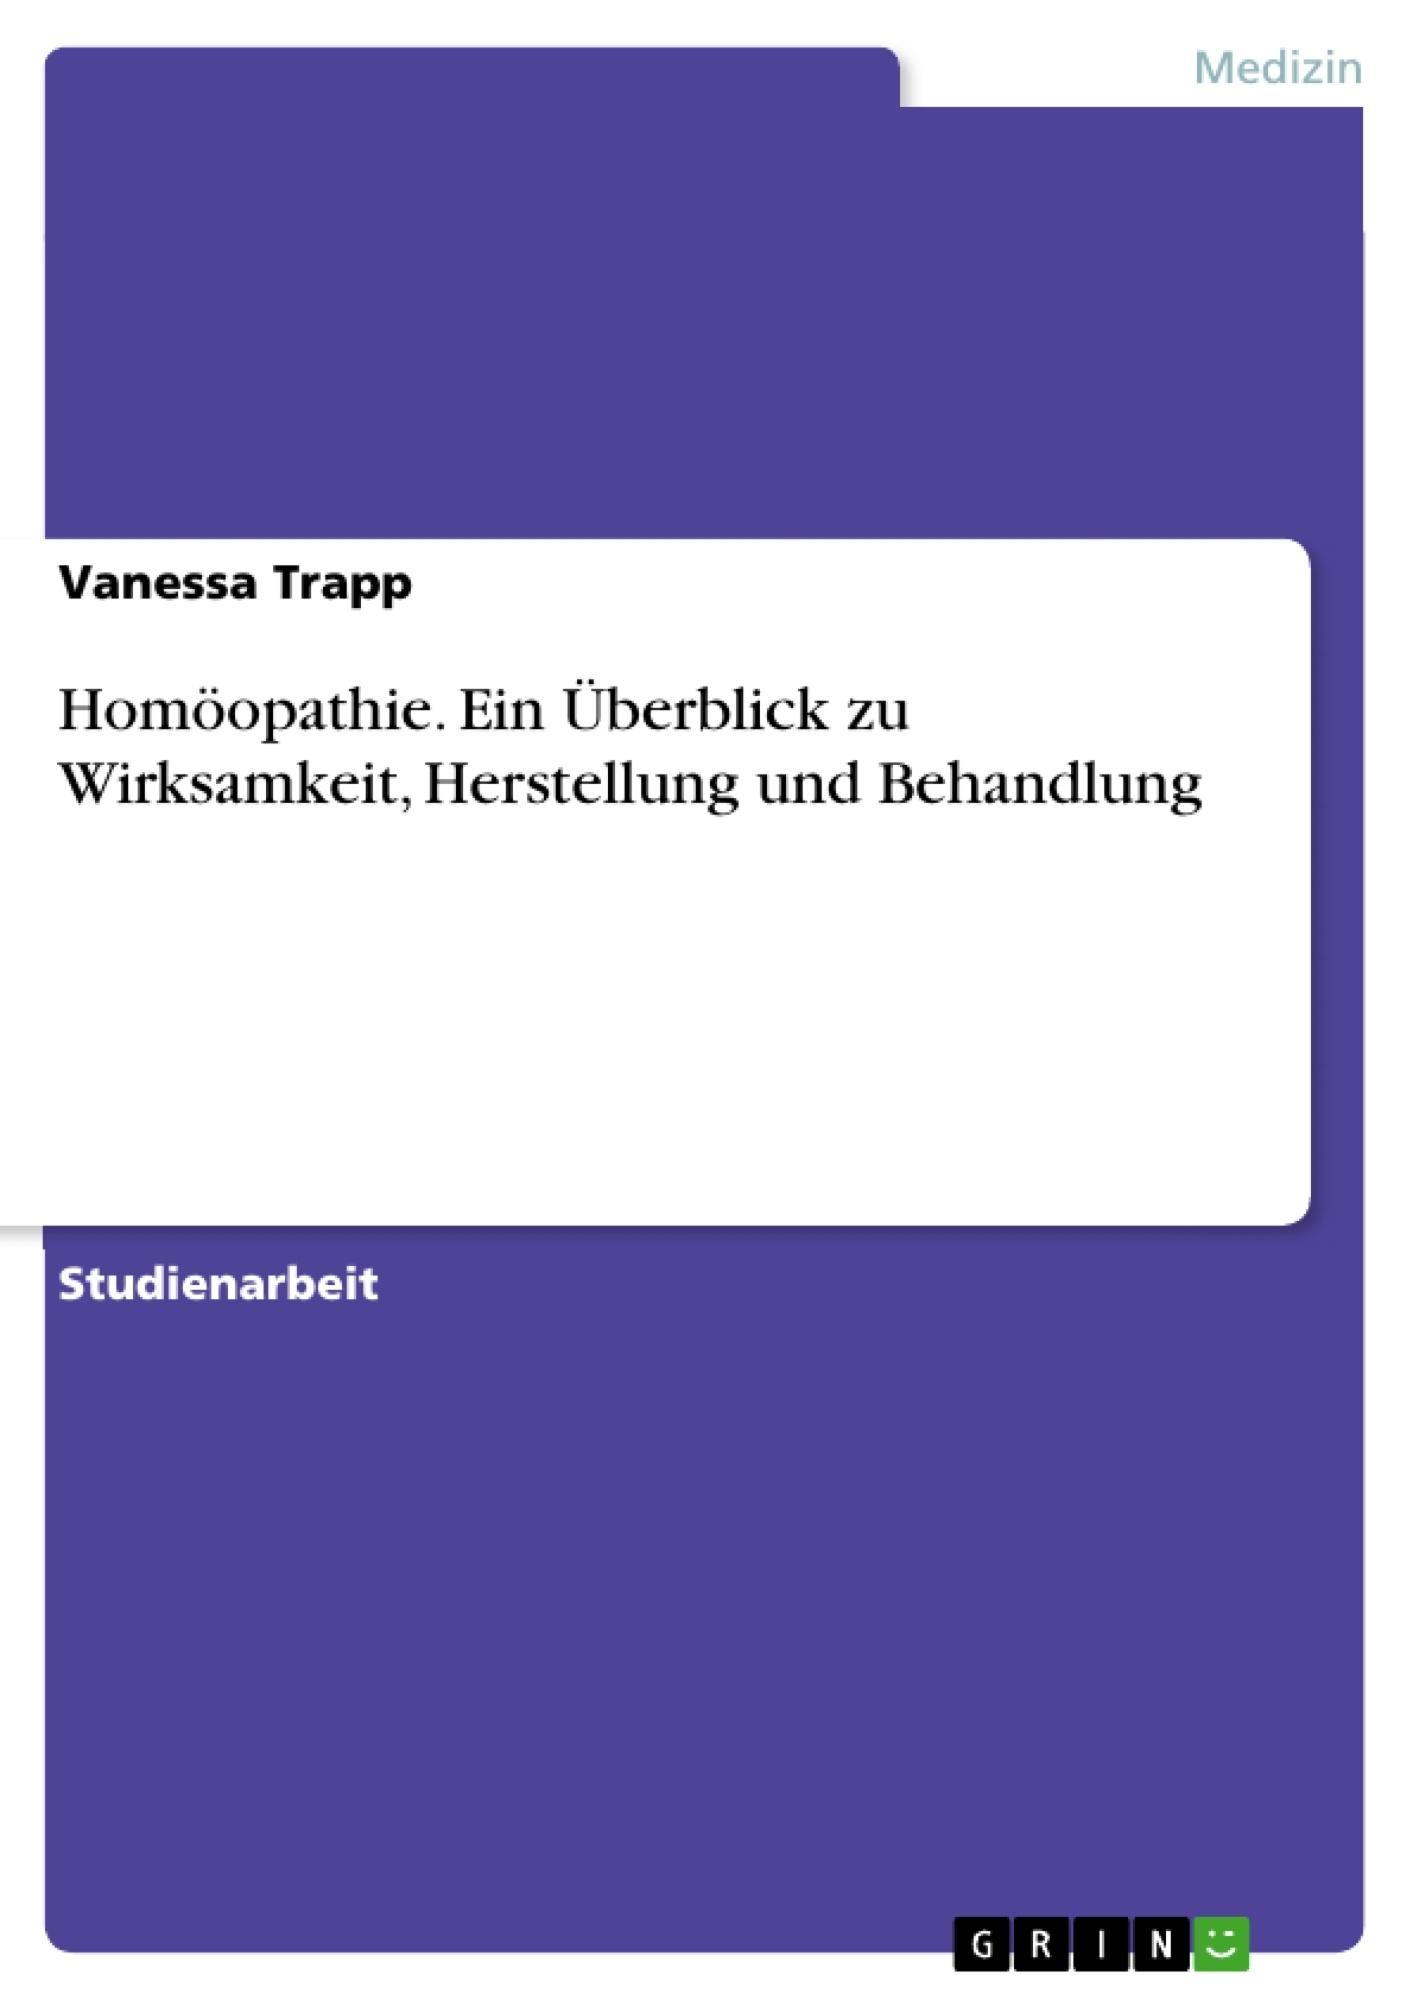 Titel: Homöopathie. Ein Überblick zu Wirksamkeit, Herstellung und Behandlung